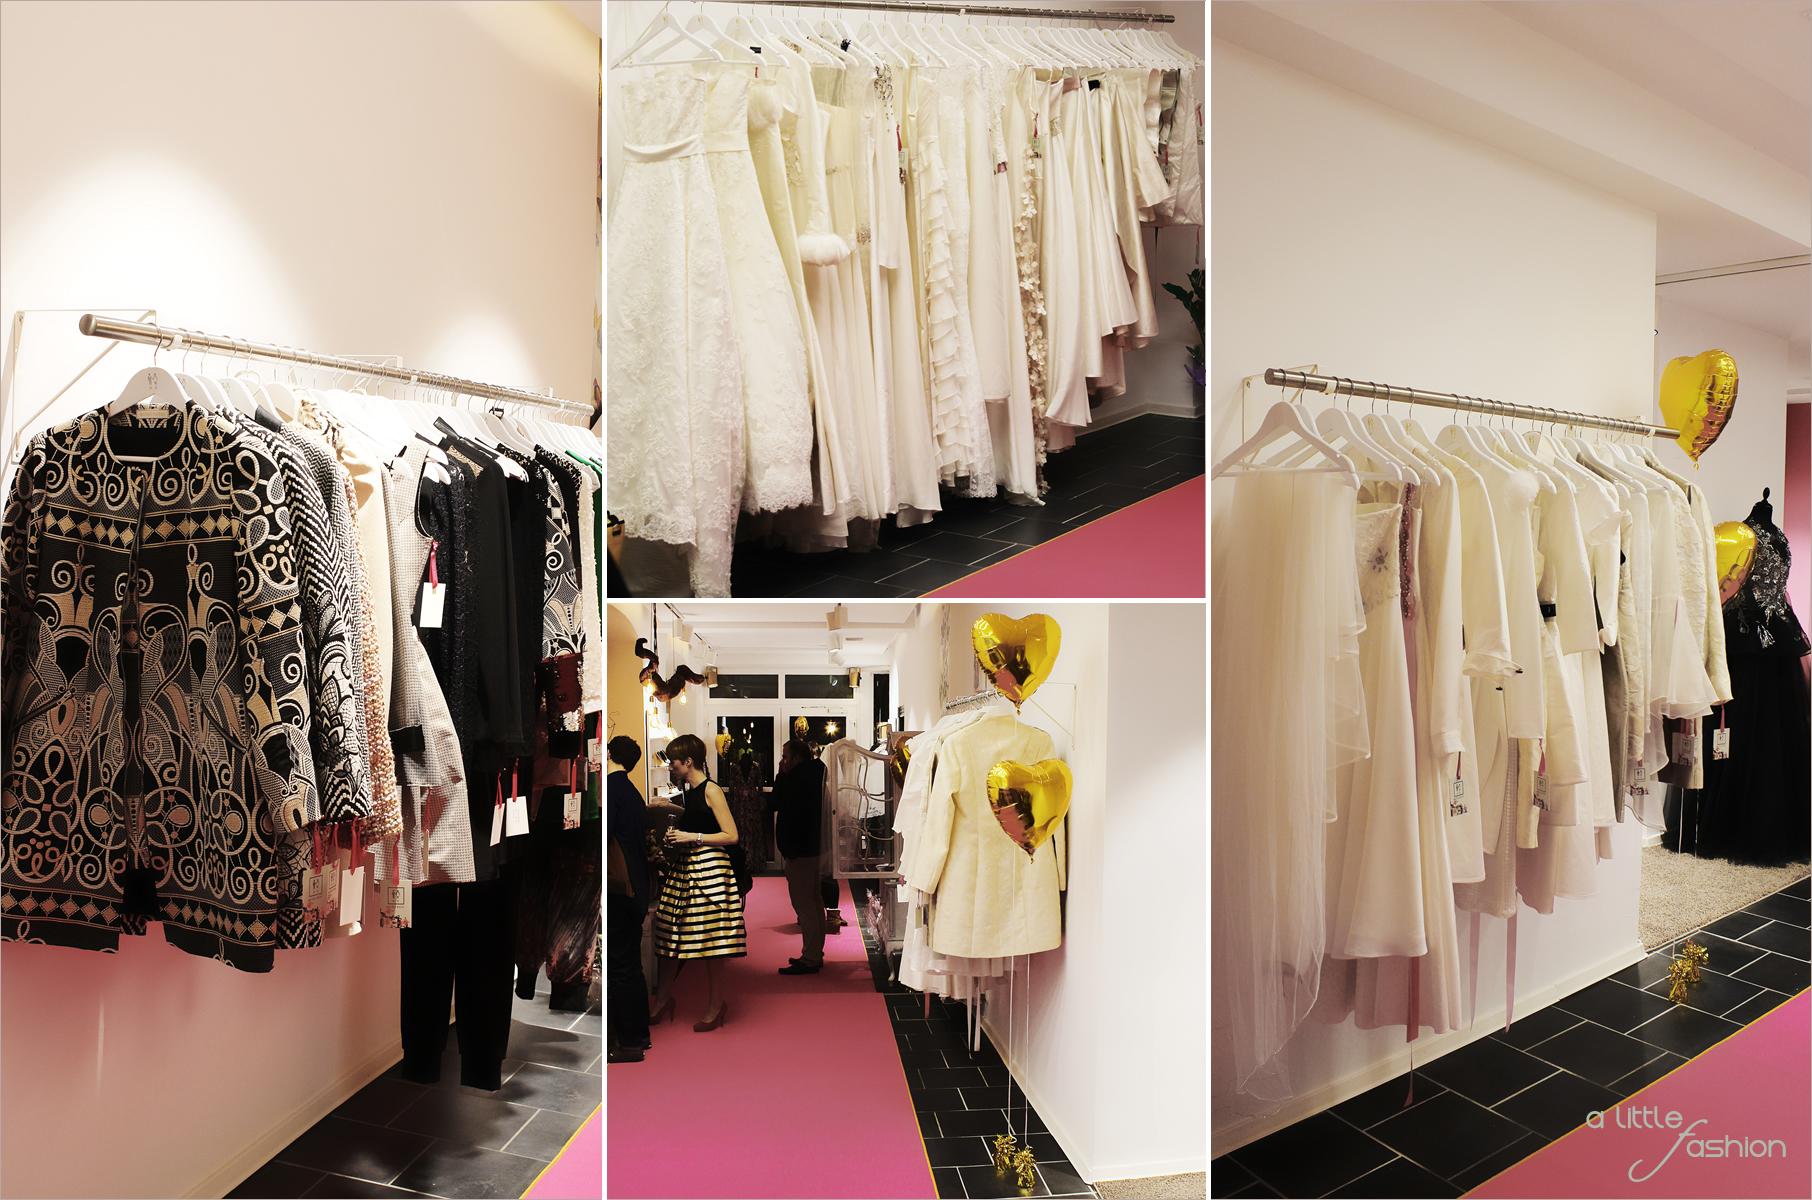 Michèle Weiten Design - Neueröffnung in Koblenz  |  A little Fashion  |  https://www.filizity.com/fashion/michele-weiten-design-neueroeffnung-koblenz